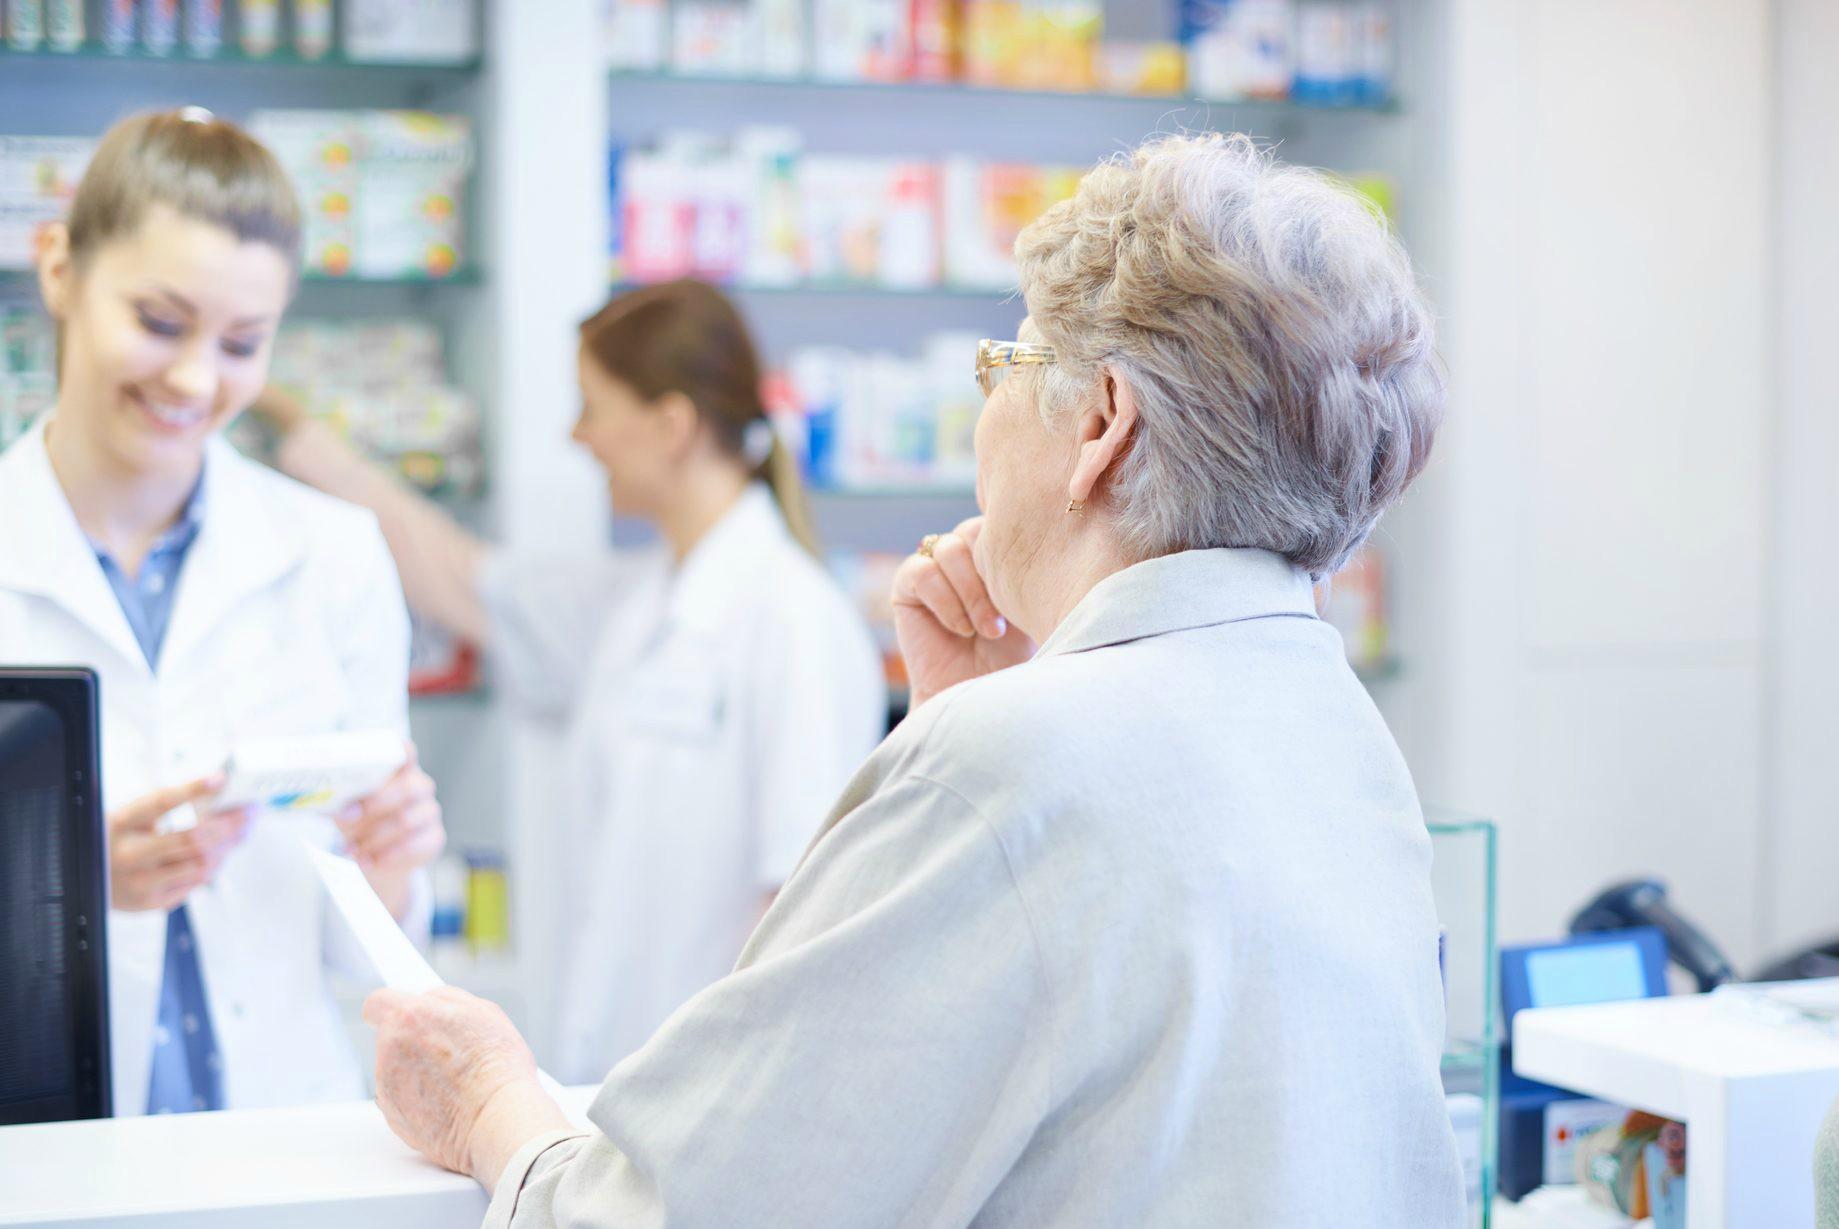 Estudo demonstra comportamento de idosos em relação à saúde